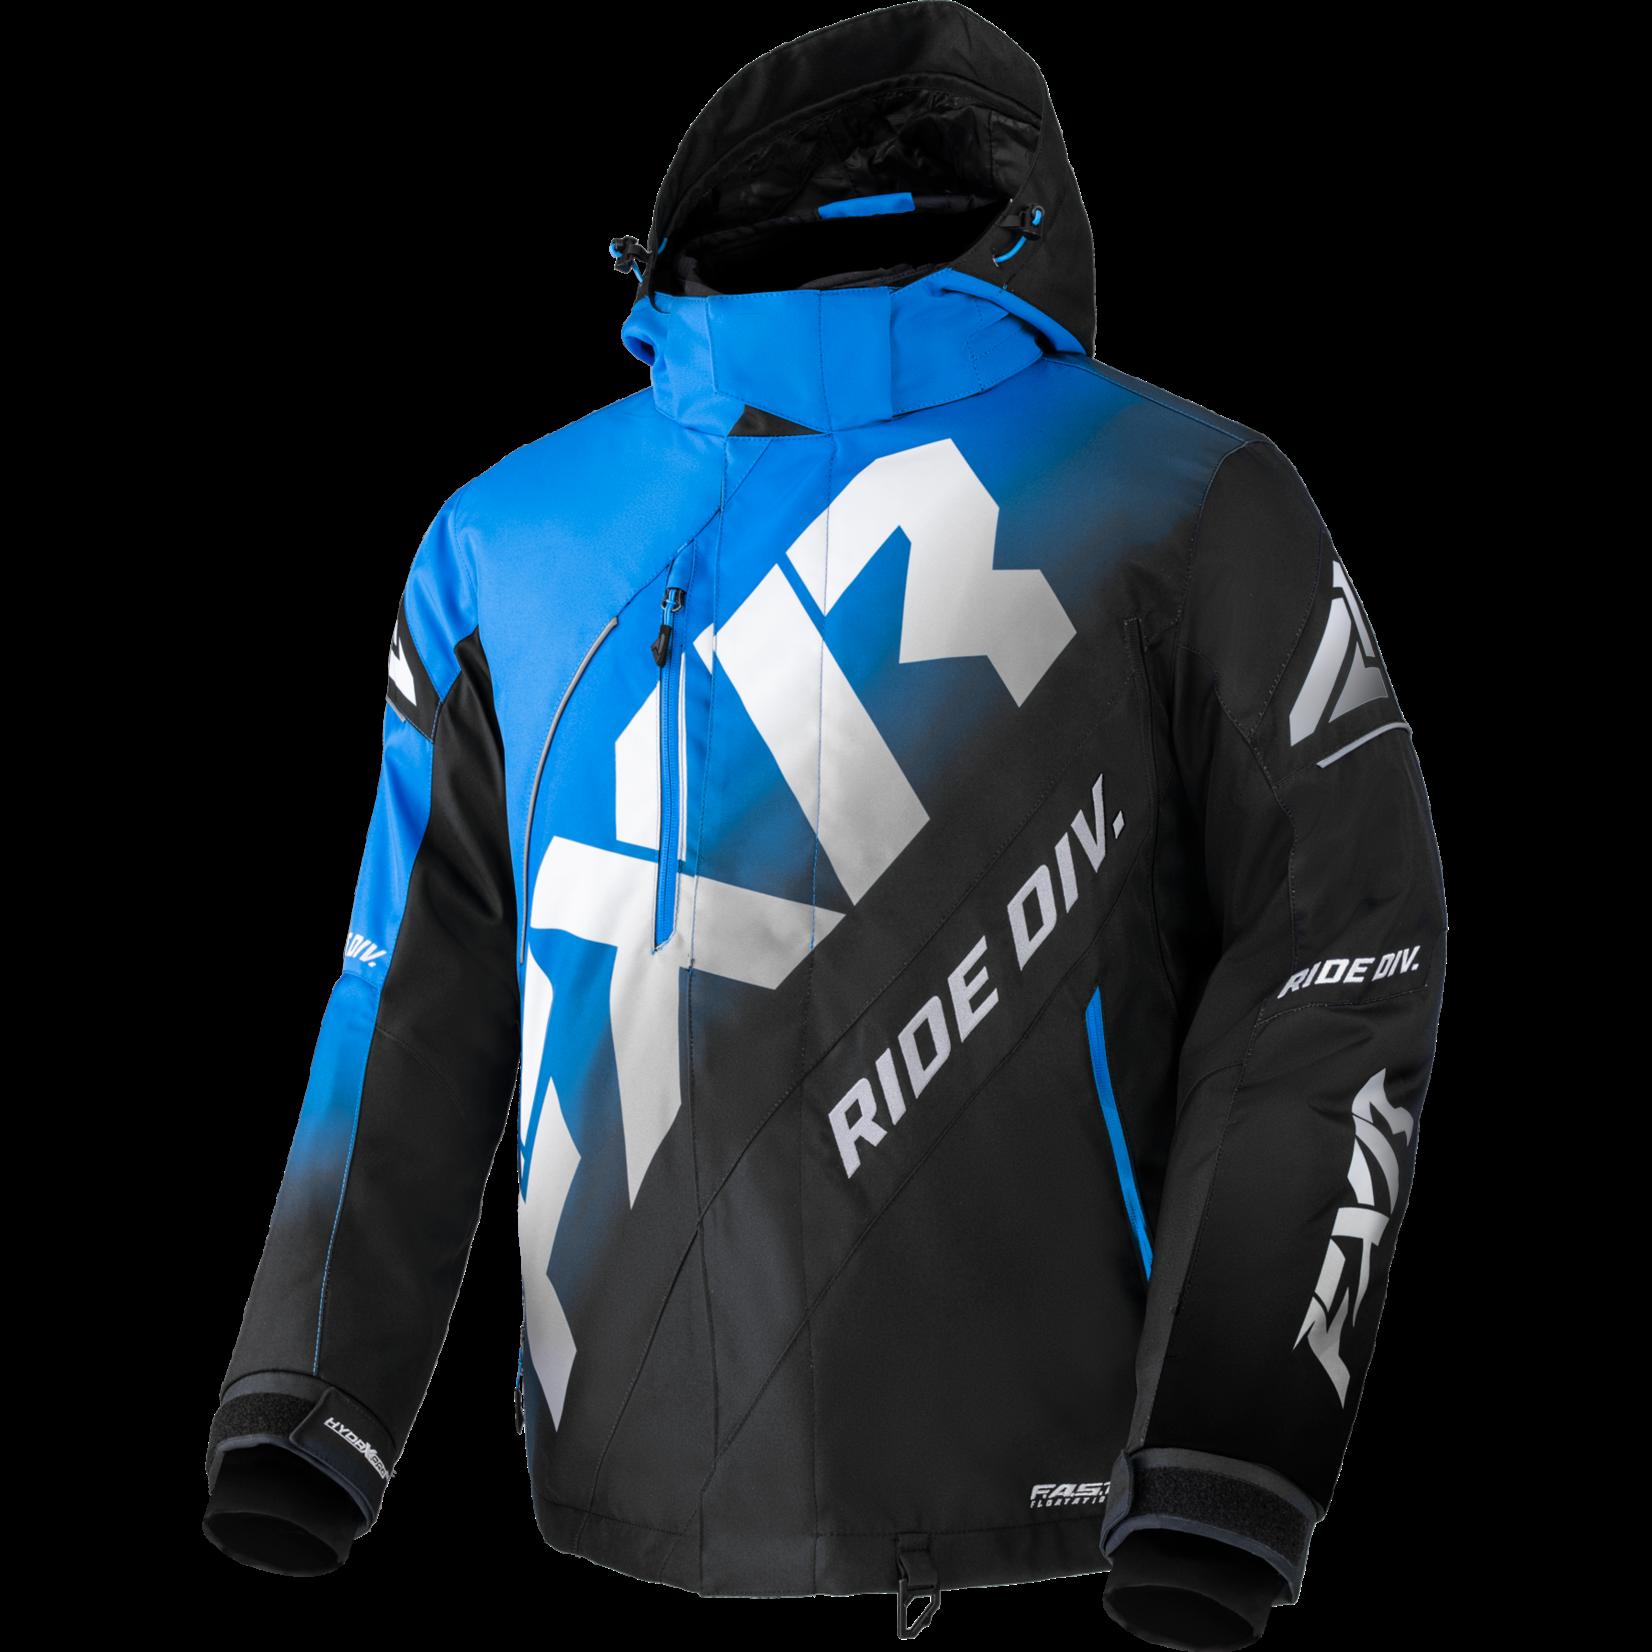 FXR FXR Men's CX Jacket - Black Fade/Light Grey